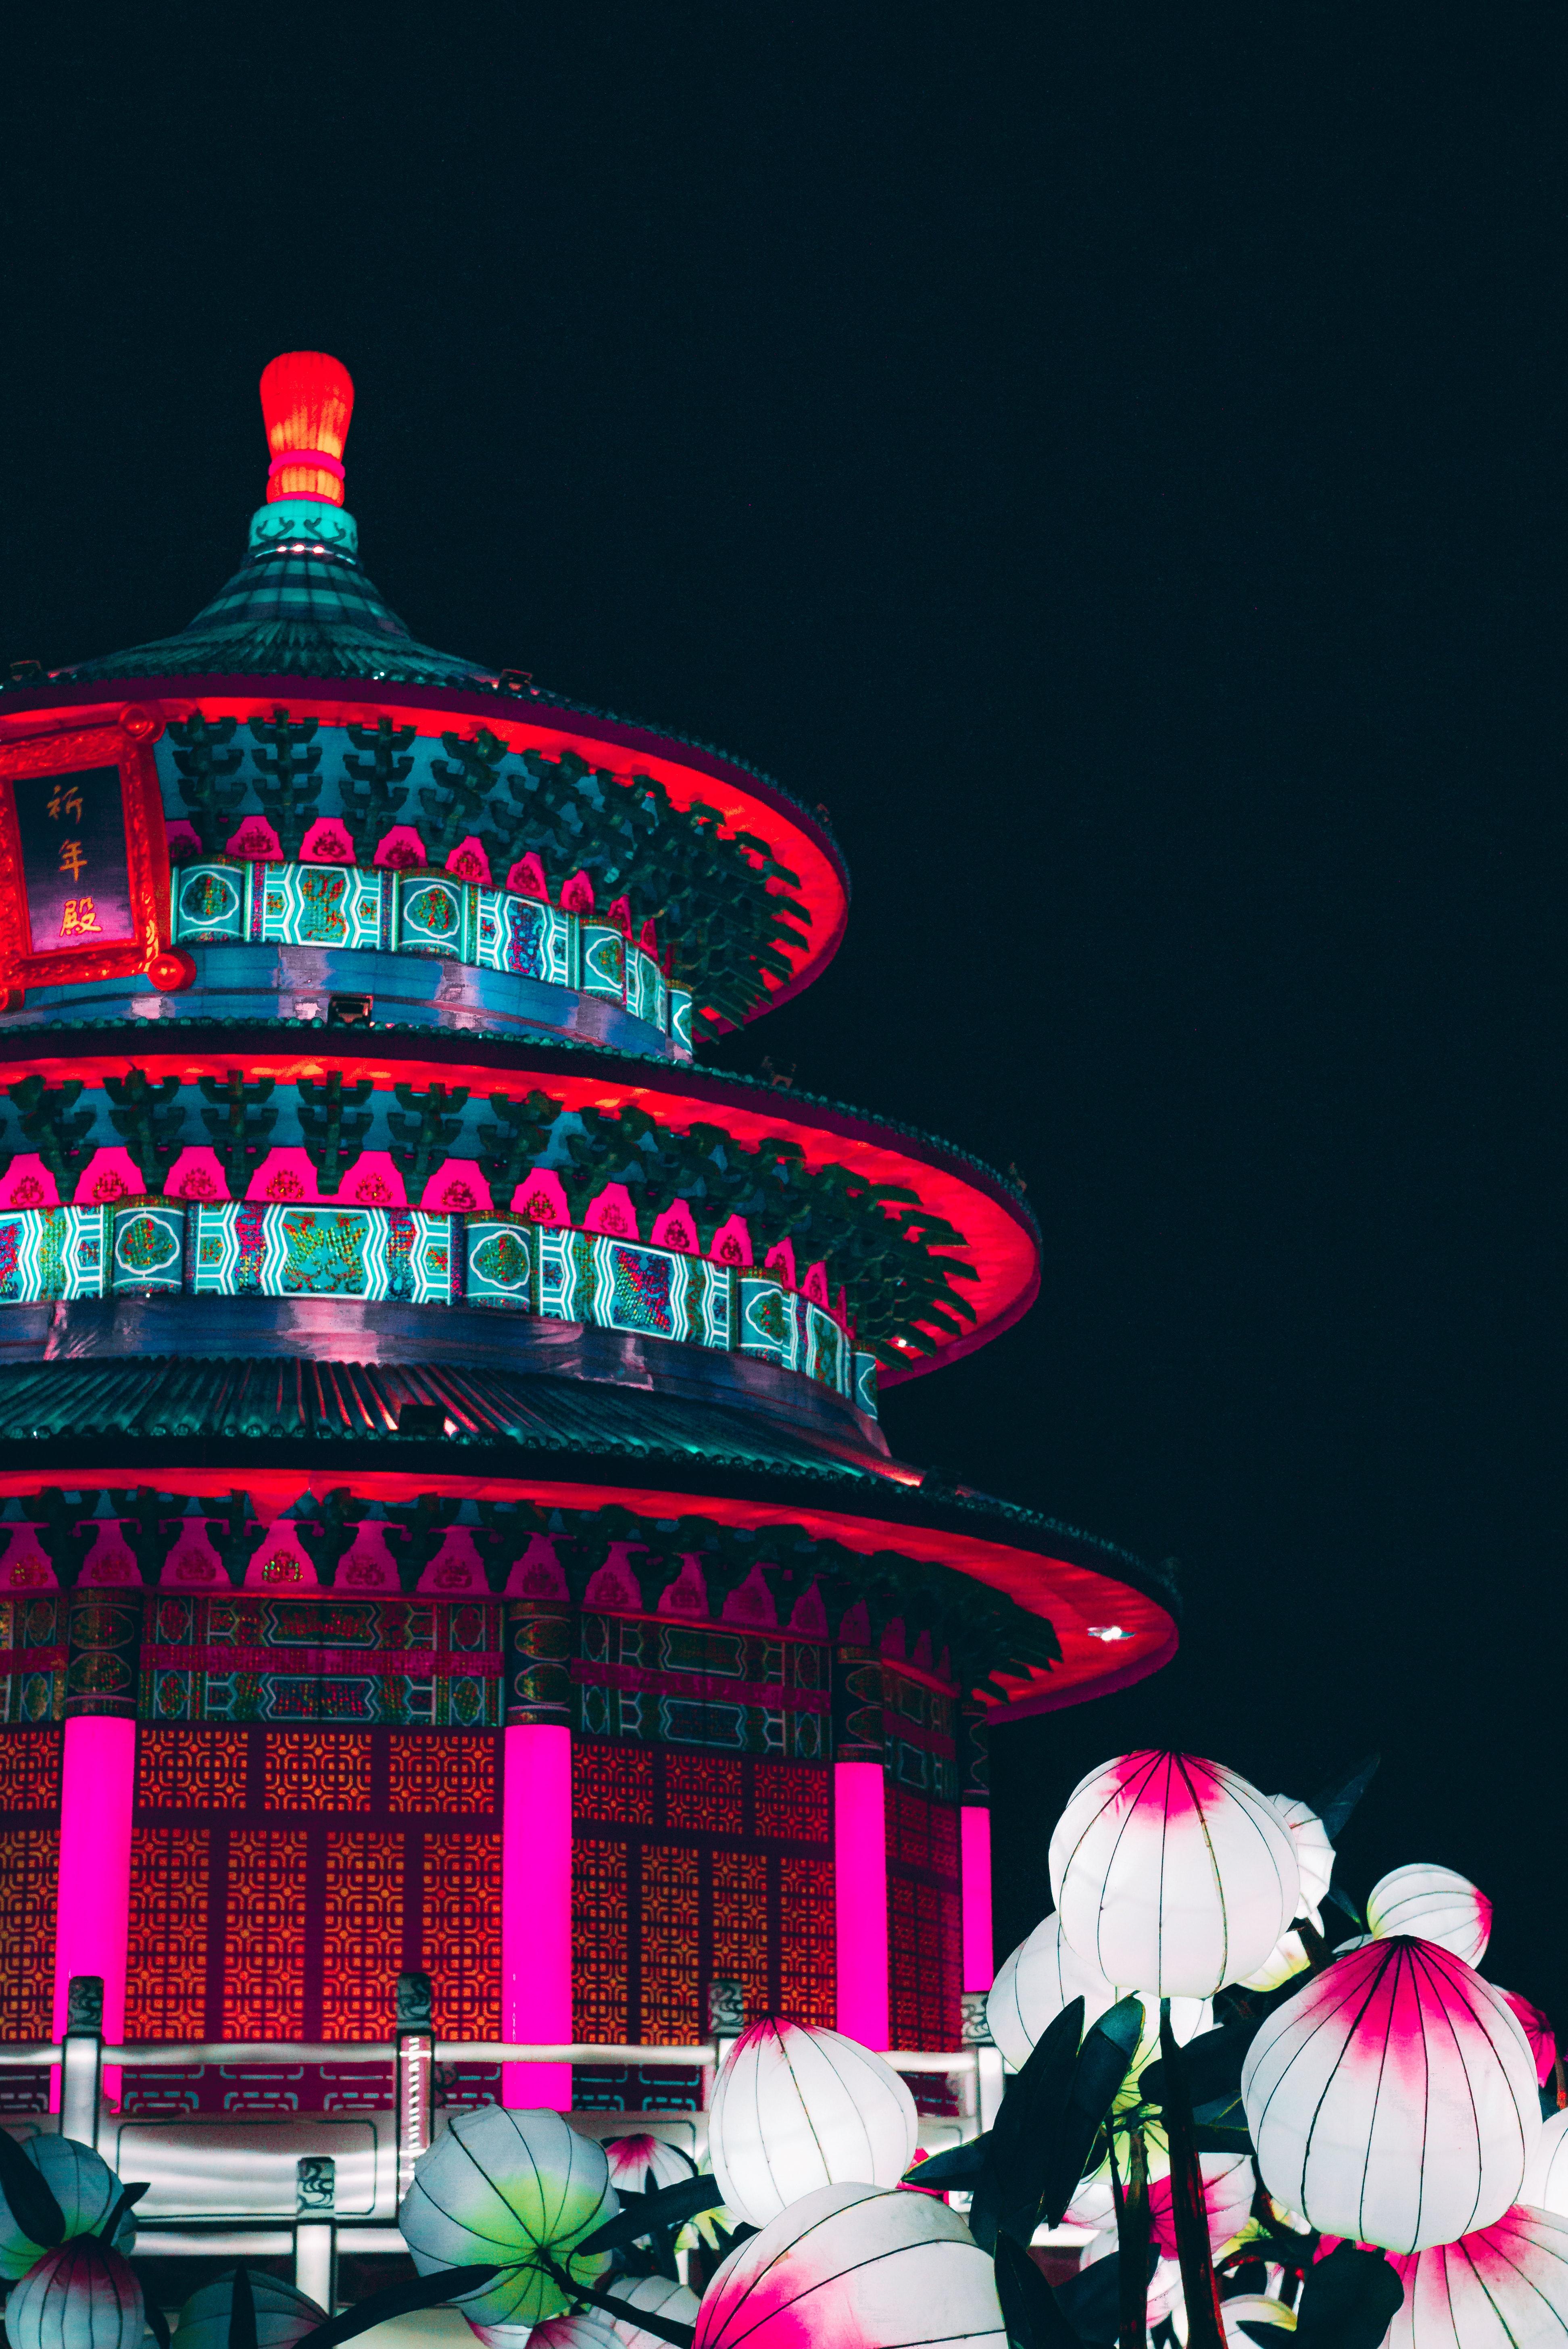 144363壁紙のダウンロード建物, 構造, 中国, 提灯, ライト, アーキテクチャ, 都市-スクリーンセーバーと写真を無料で